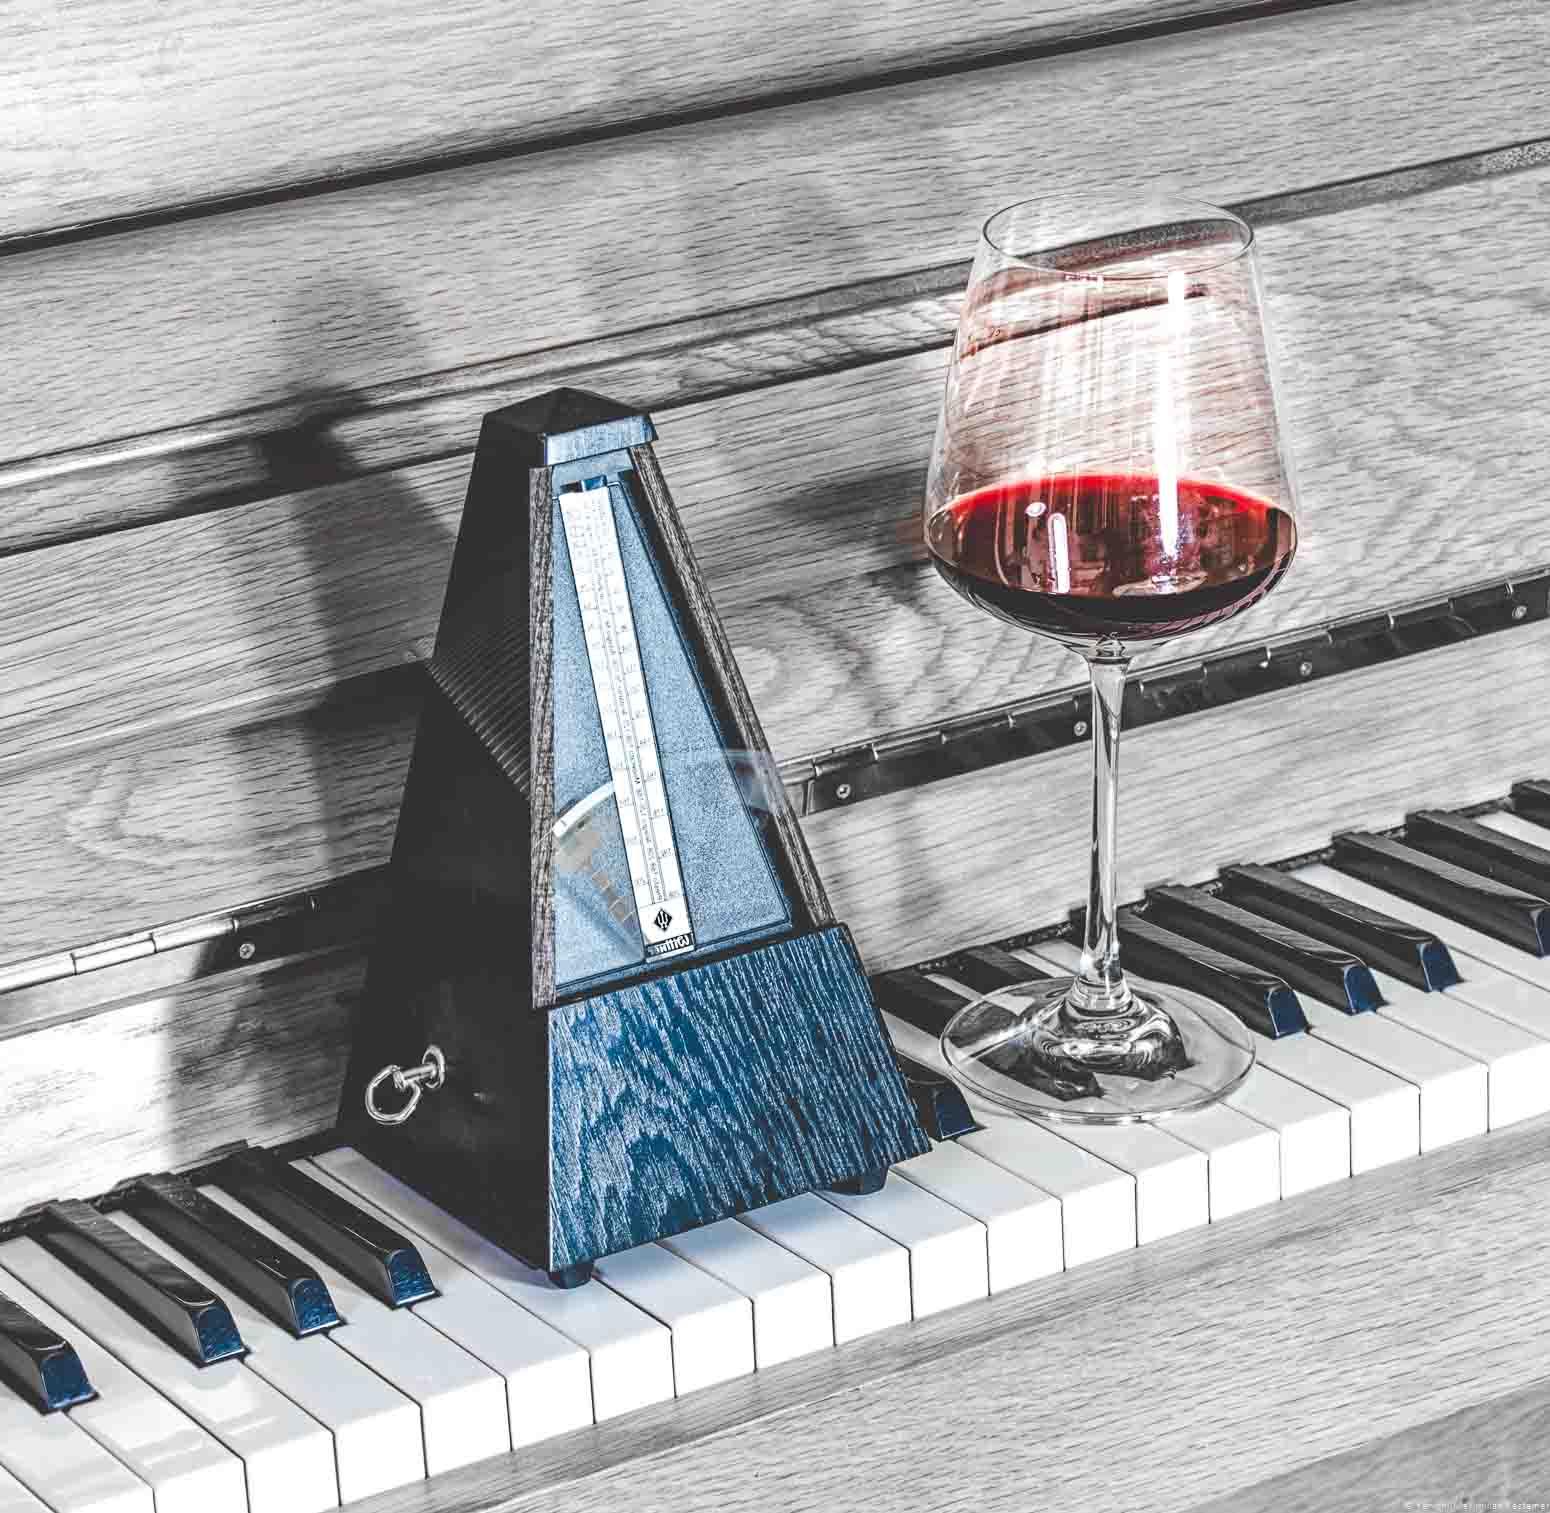 Schwingendes Metronom neben Glas Wein auf aufgeklappter Klaviertastatur